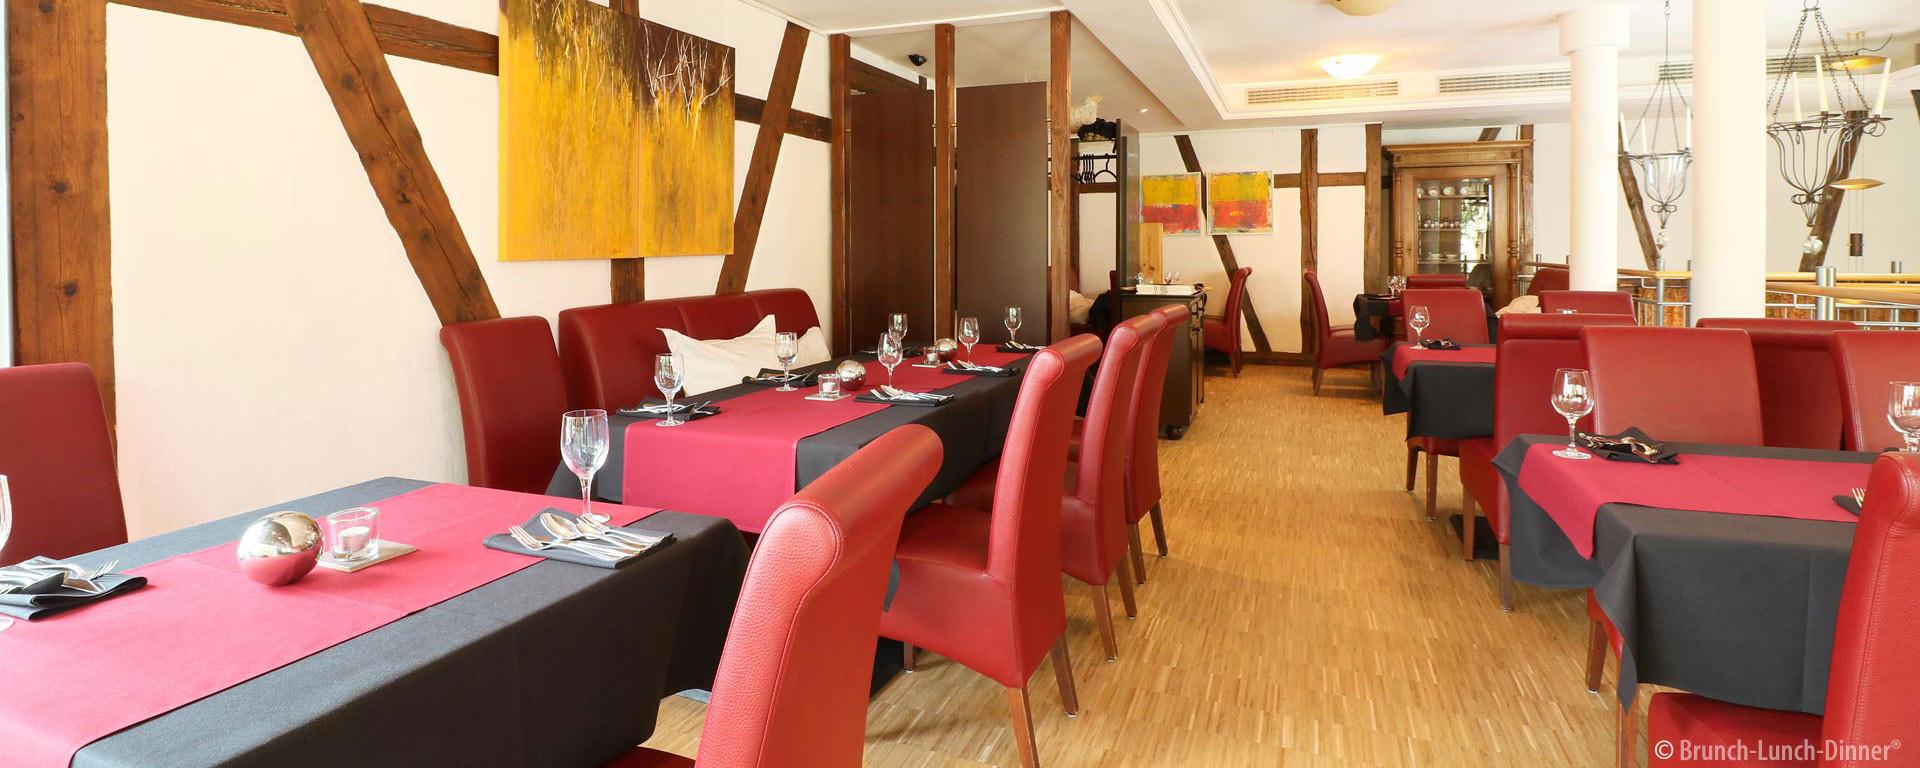 Saal- und Veranstaltungsraum für Feste und Feiern im Restaurant-Gasthaus Ratsstuben Weissach -Leonberg Mönsheim, Rutesheim, Heimsheim, Friolzheim